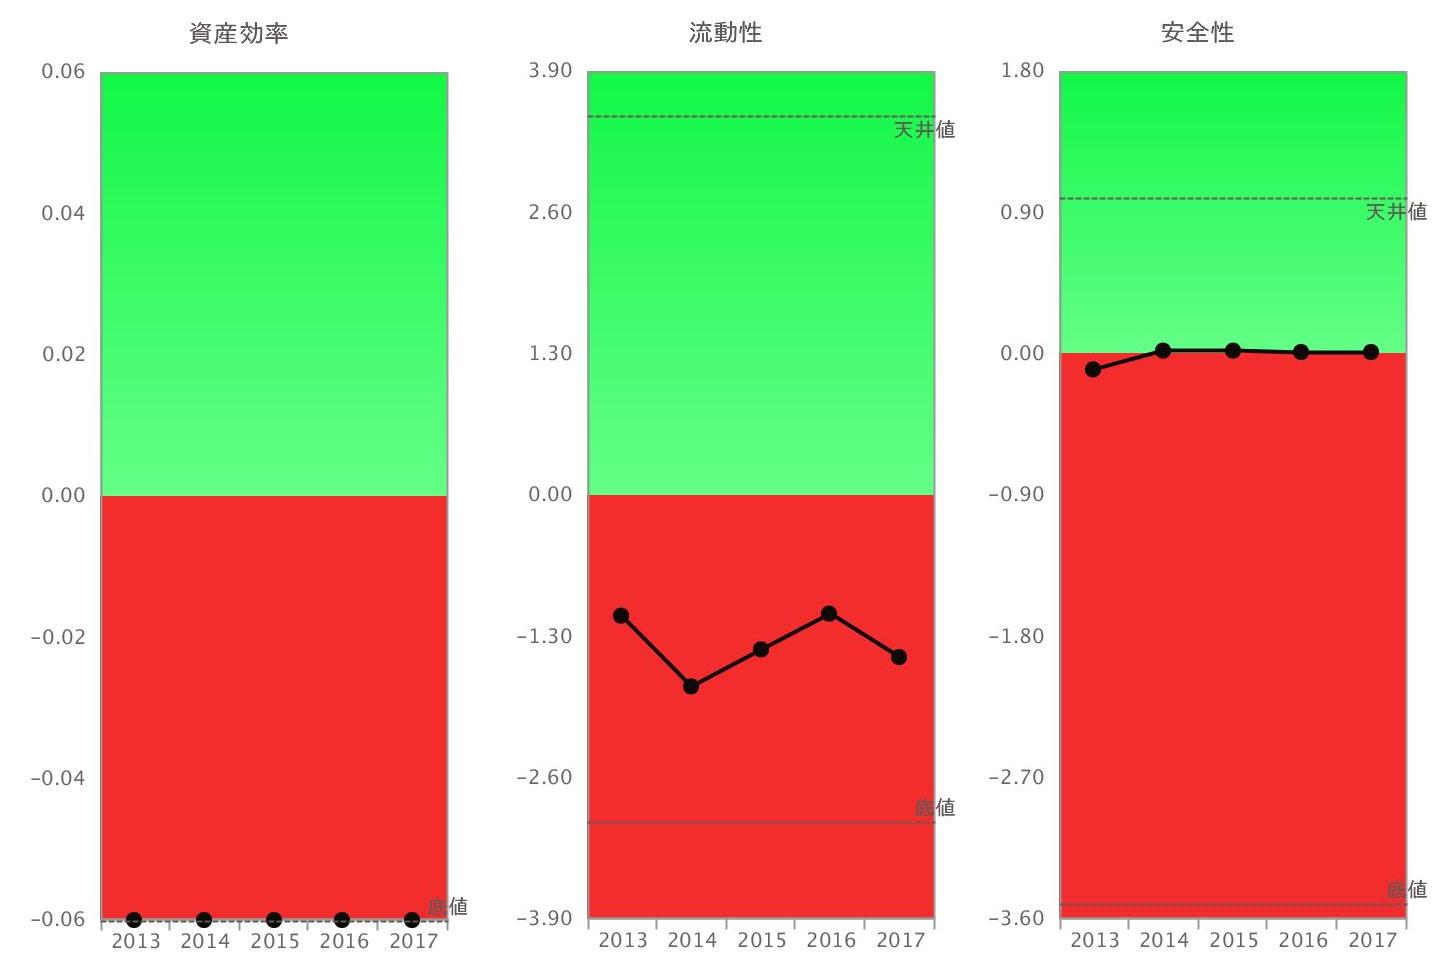 阪神電鉄資産効率・流動性・安全性